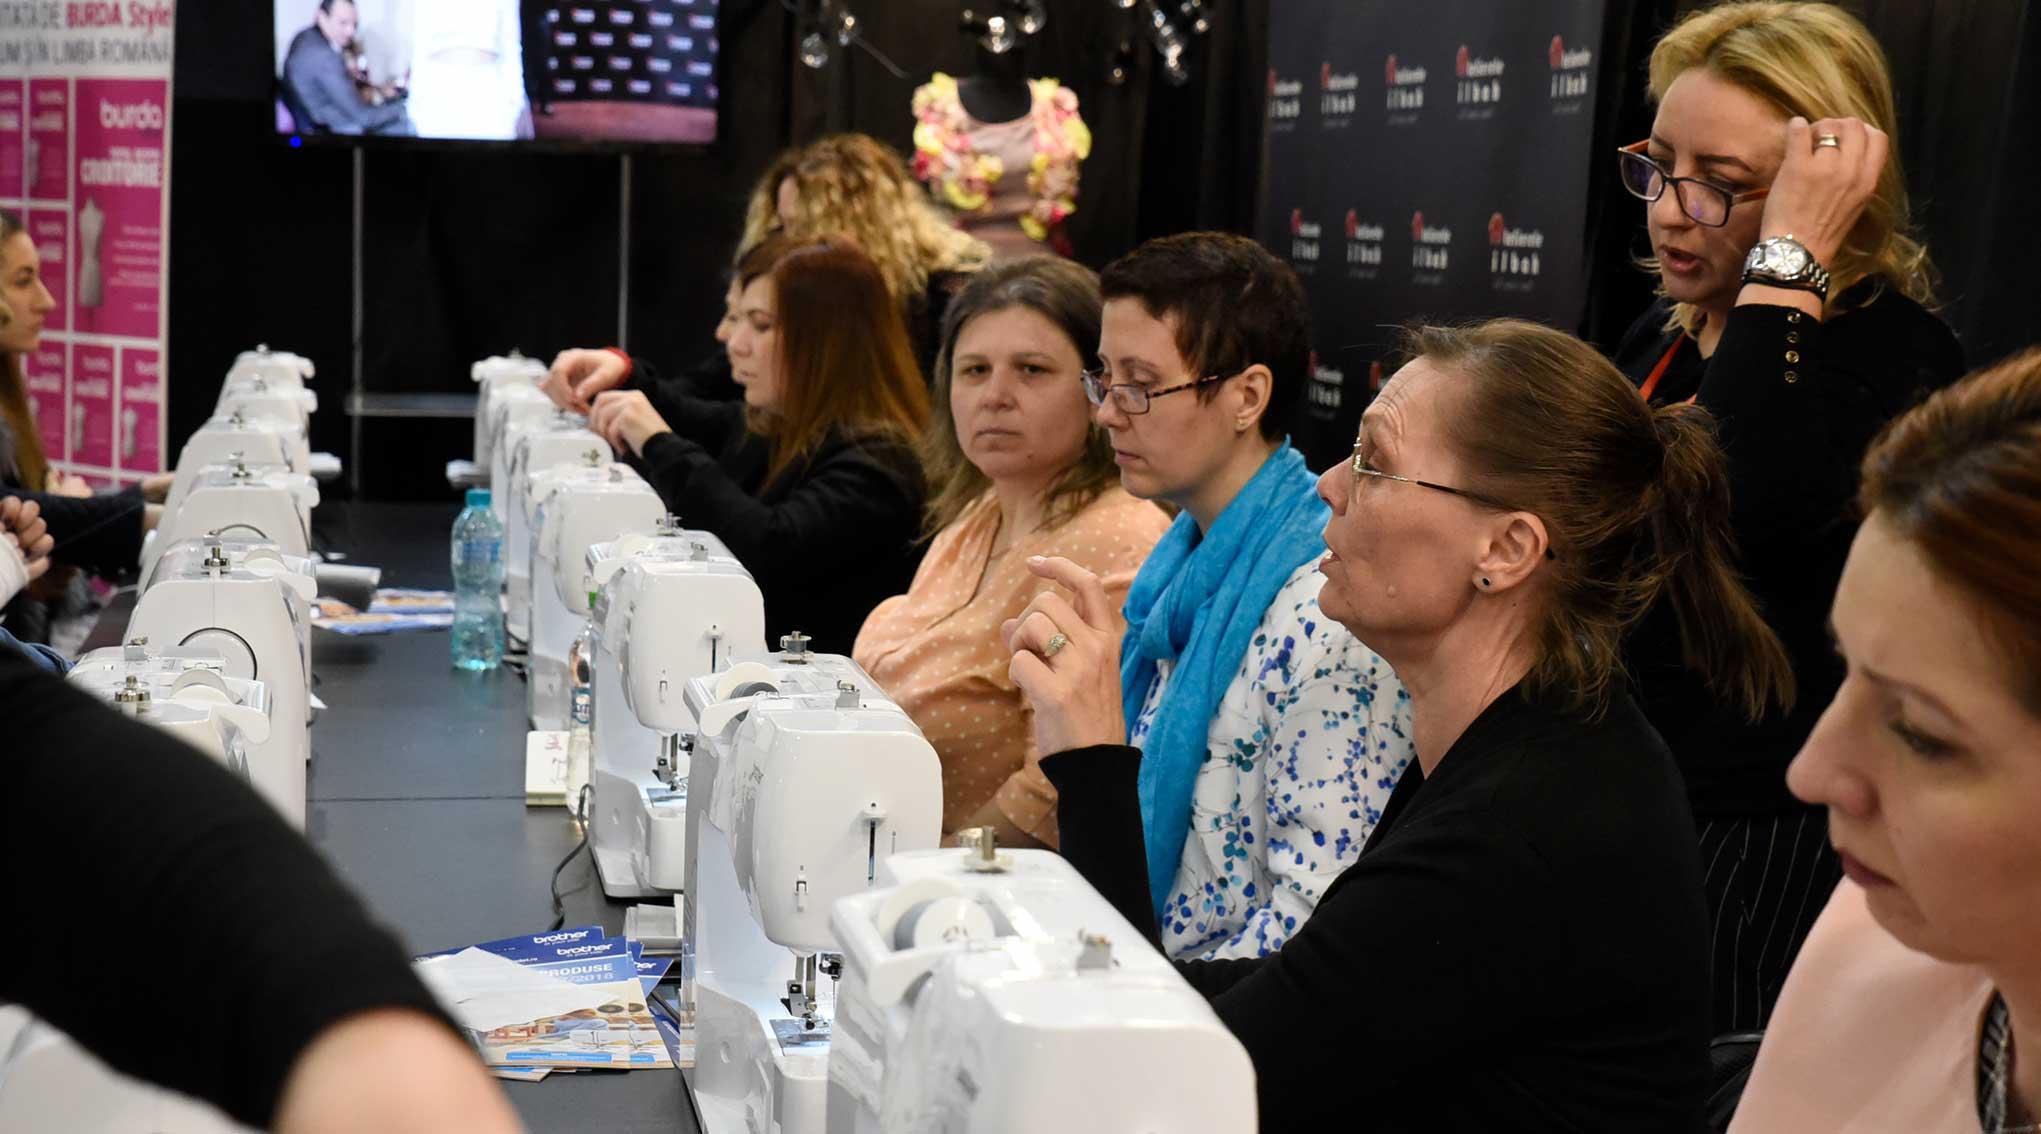 workshop-uri-demonstratii-si-conferinte-marca-atelierele-ilbah-pe-parcursul-a-4-zile-in-cadrul-romexpo-71